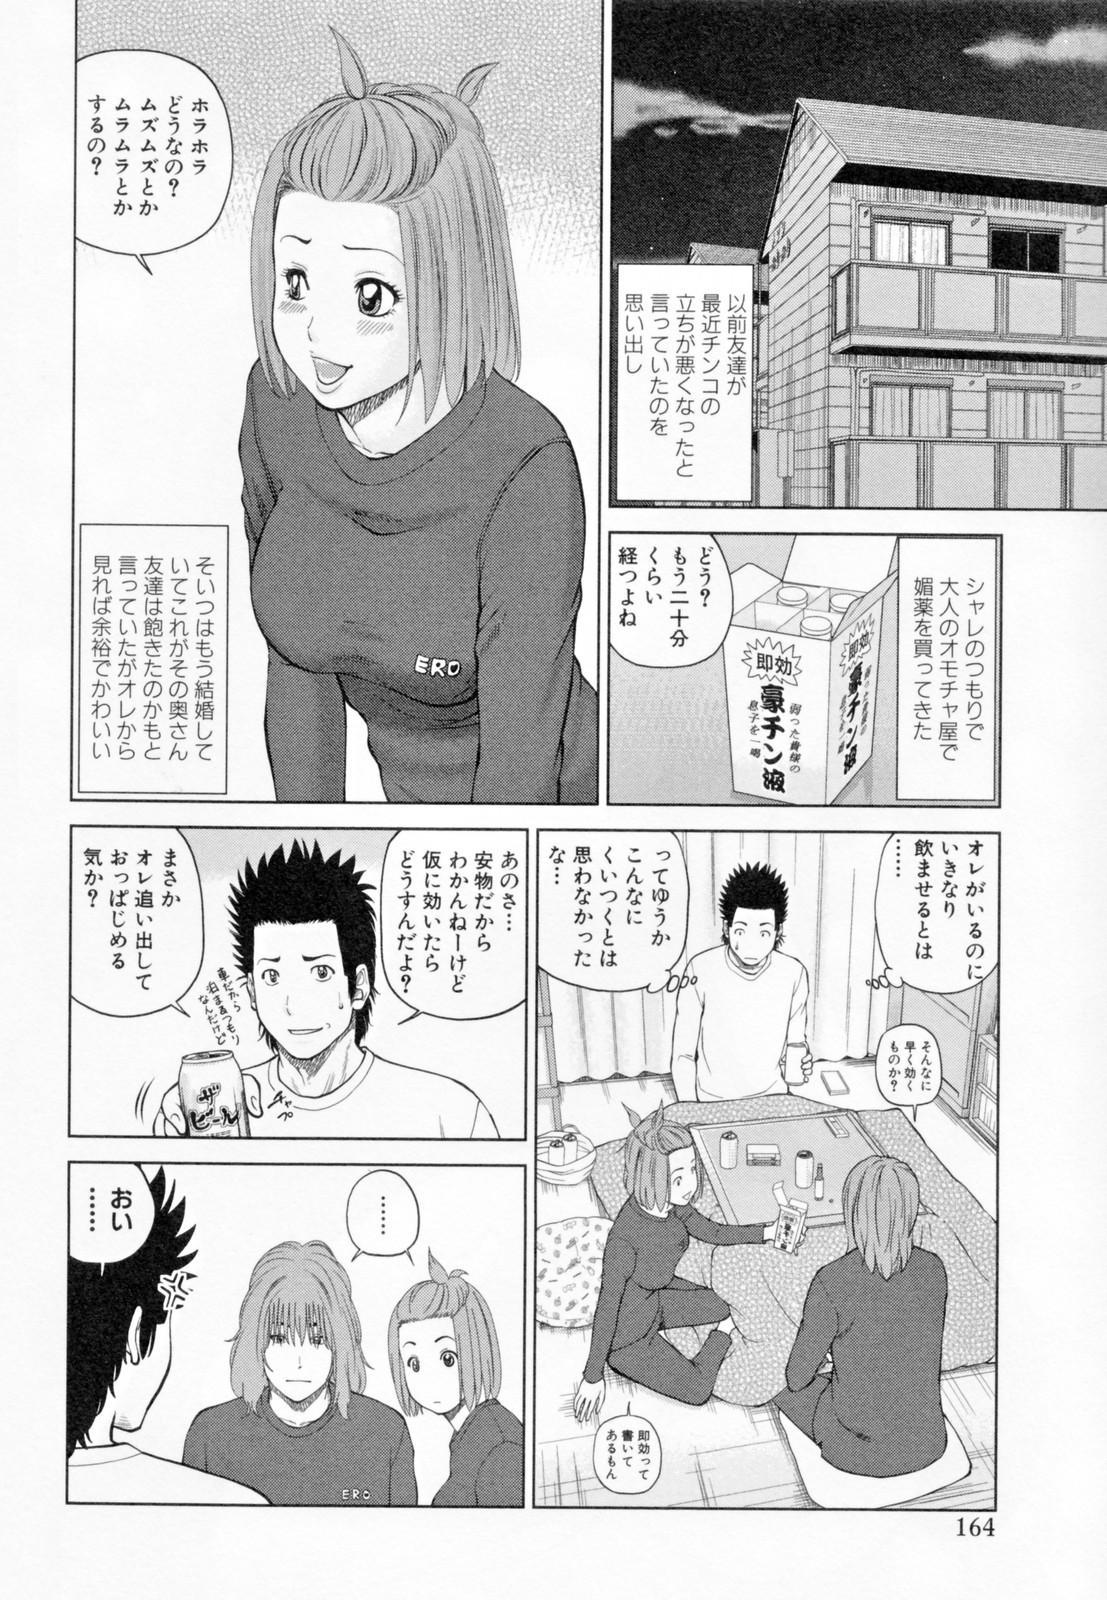 32 Sai Yokkyuufuman no Hitozuma 167